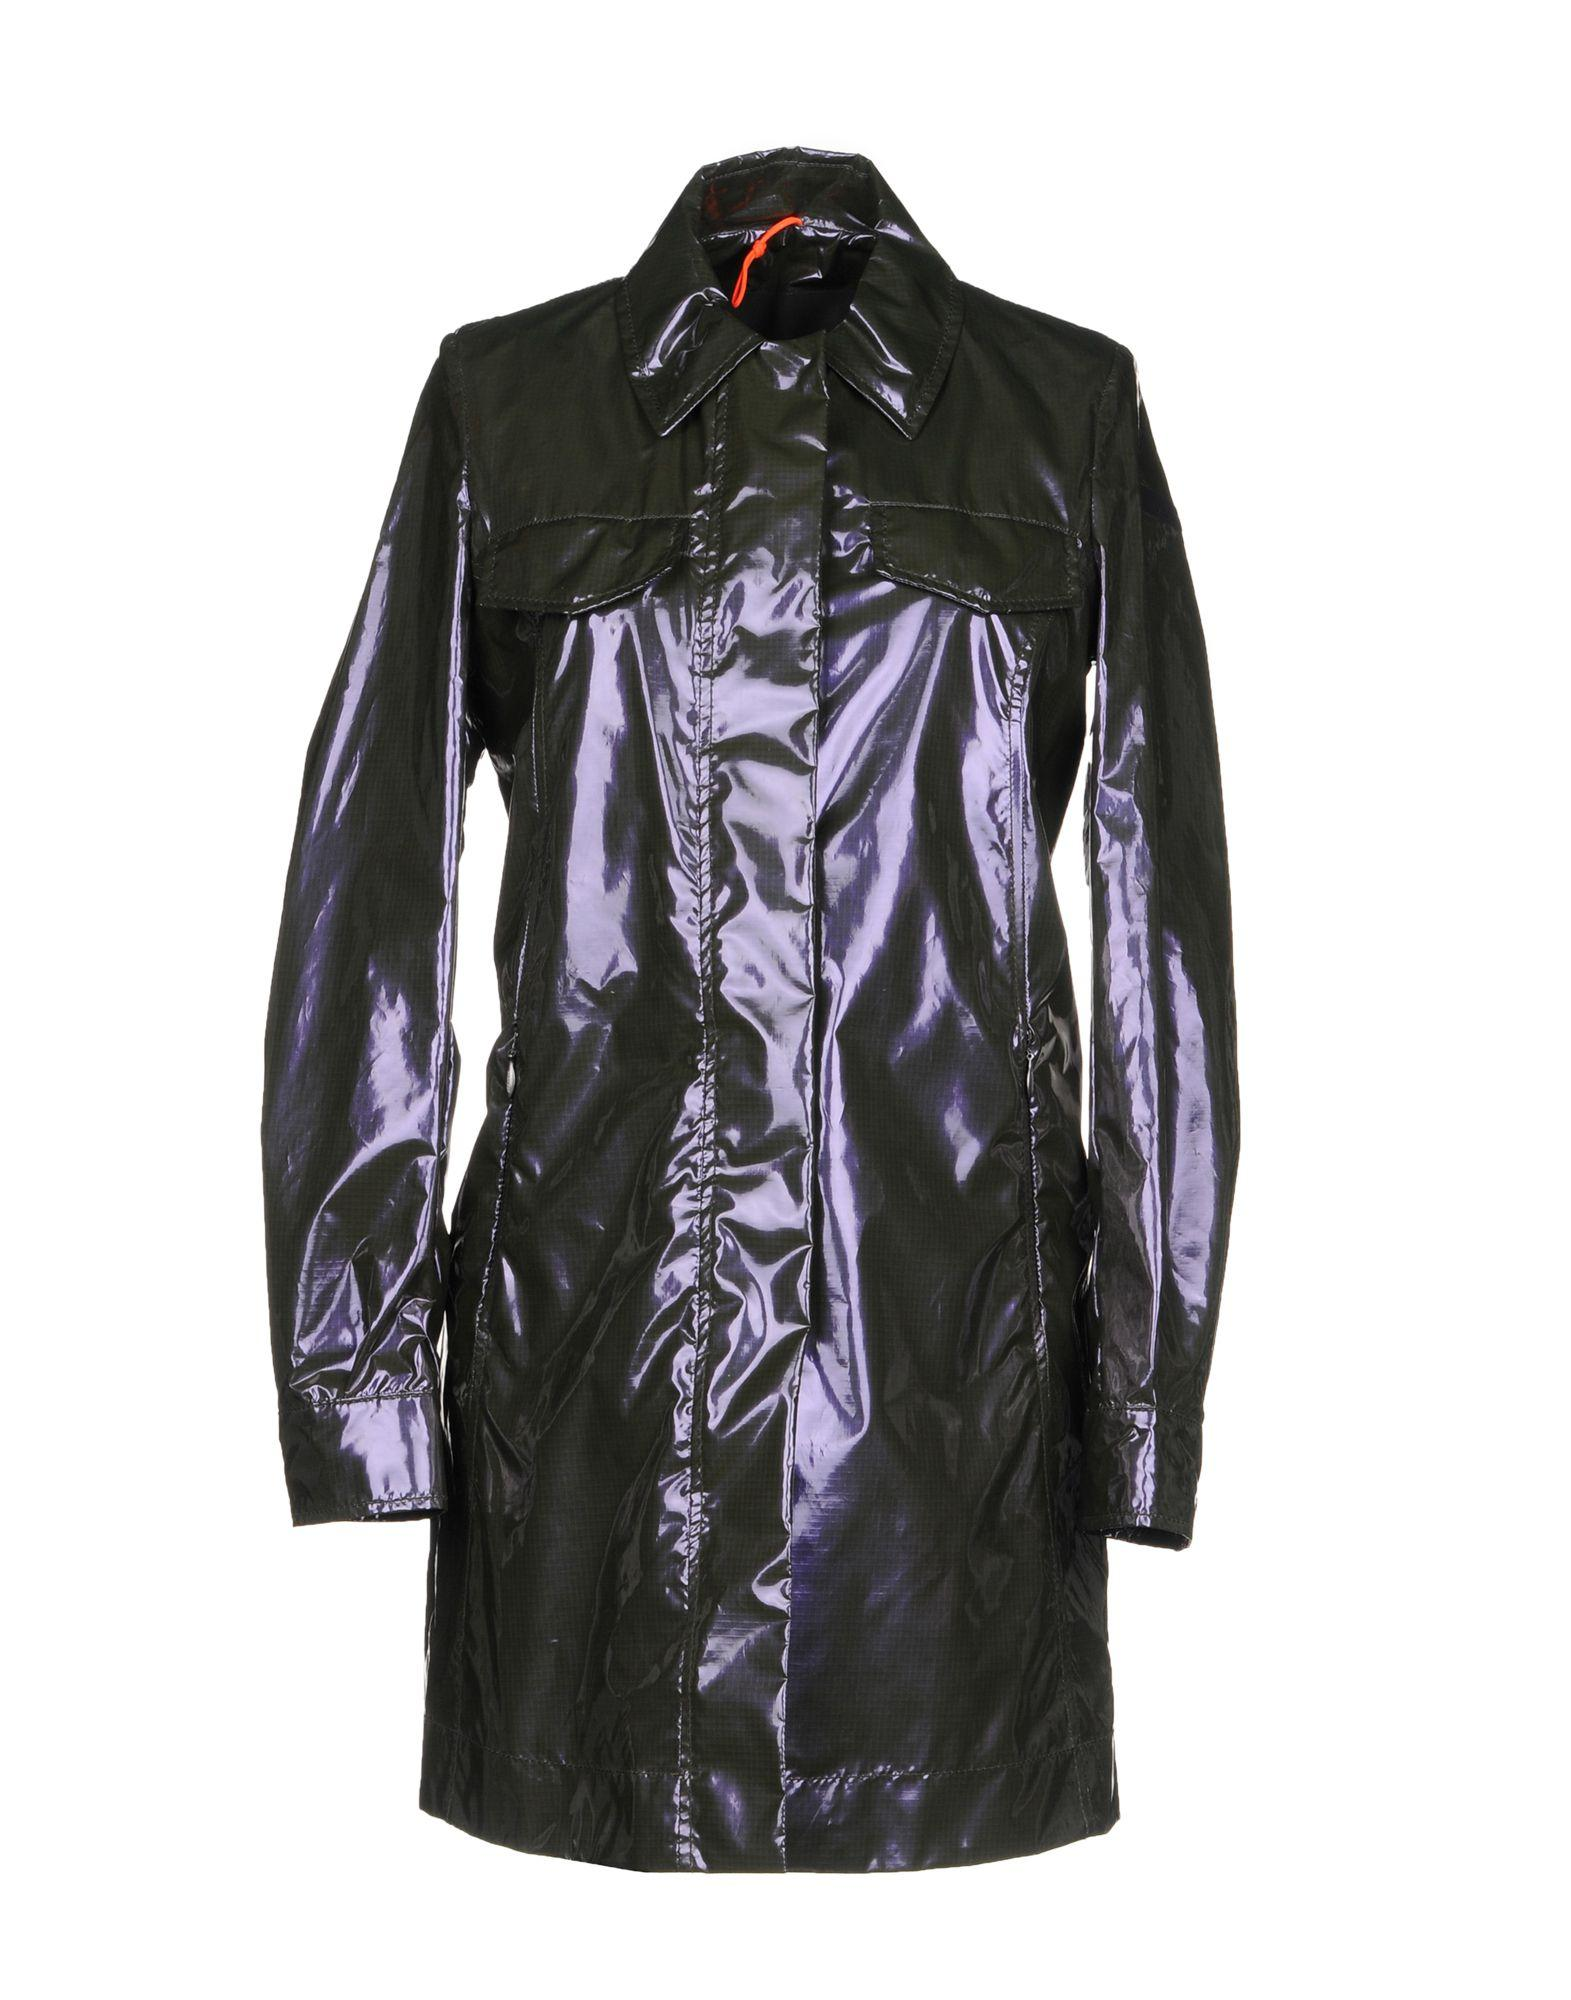 Rrd Full-length Jacket In Purple